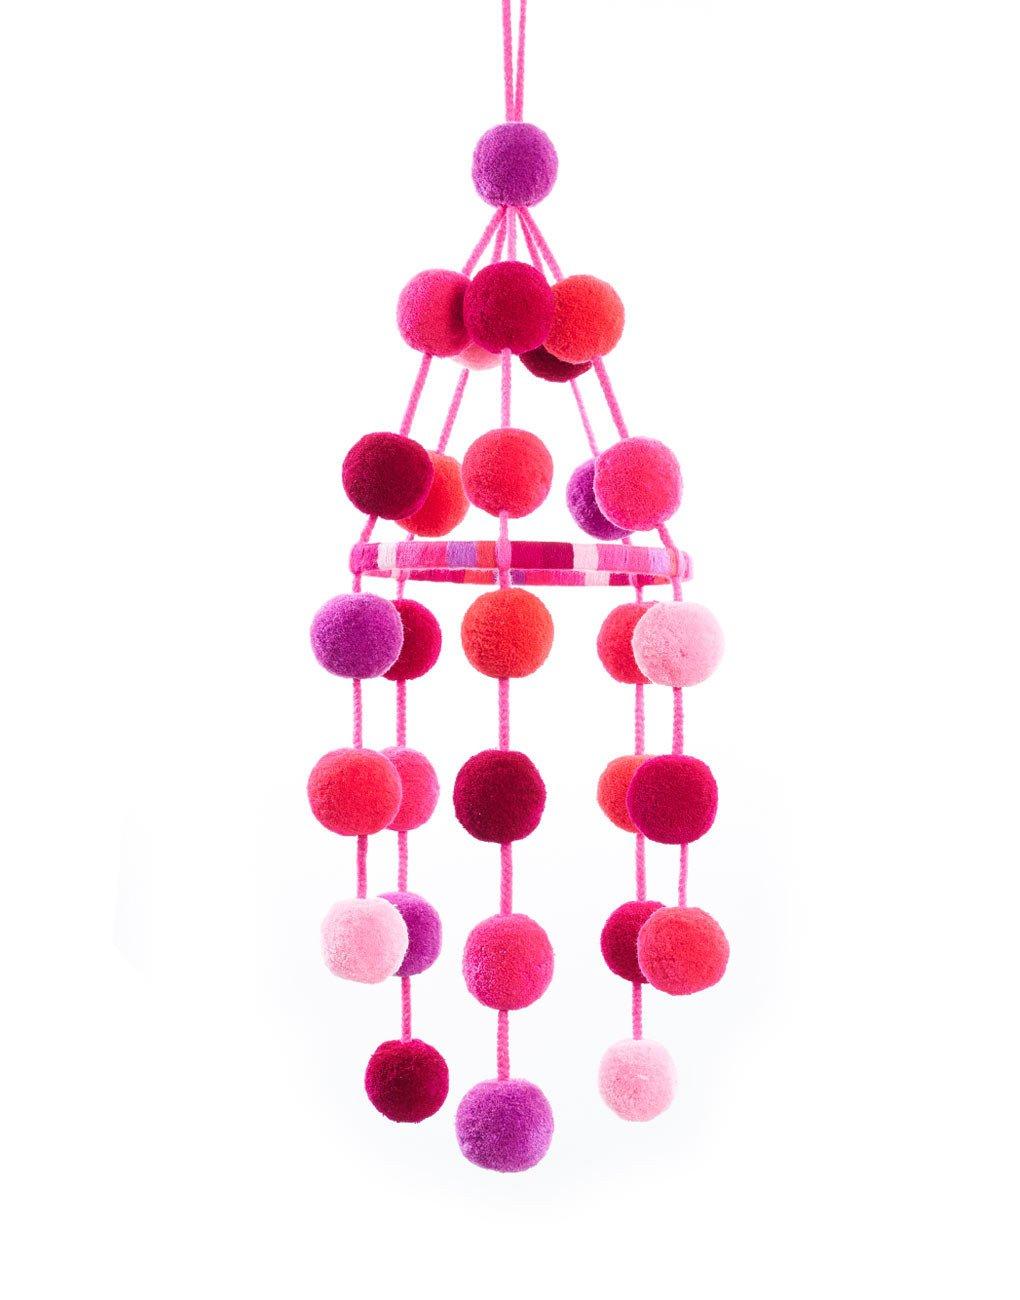 Hanging-Mobile---Pink-_The-Little-Market.jpg